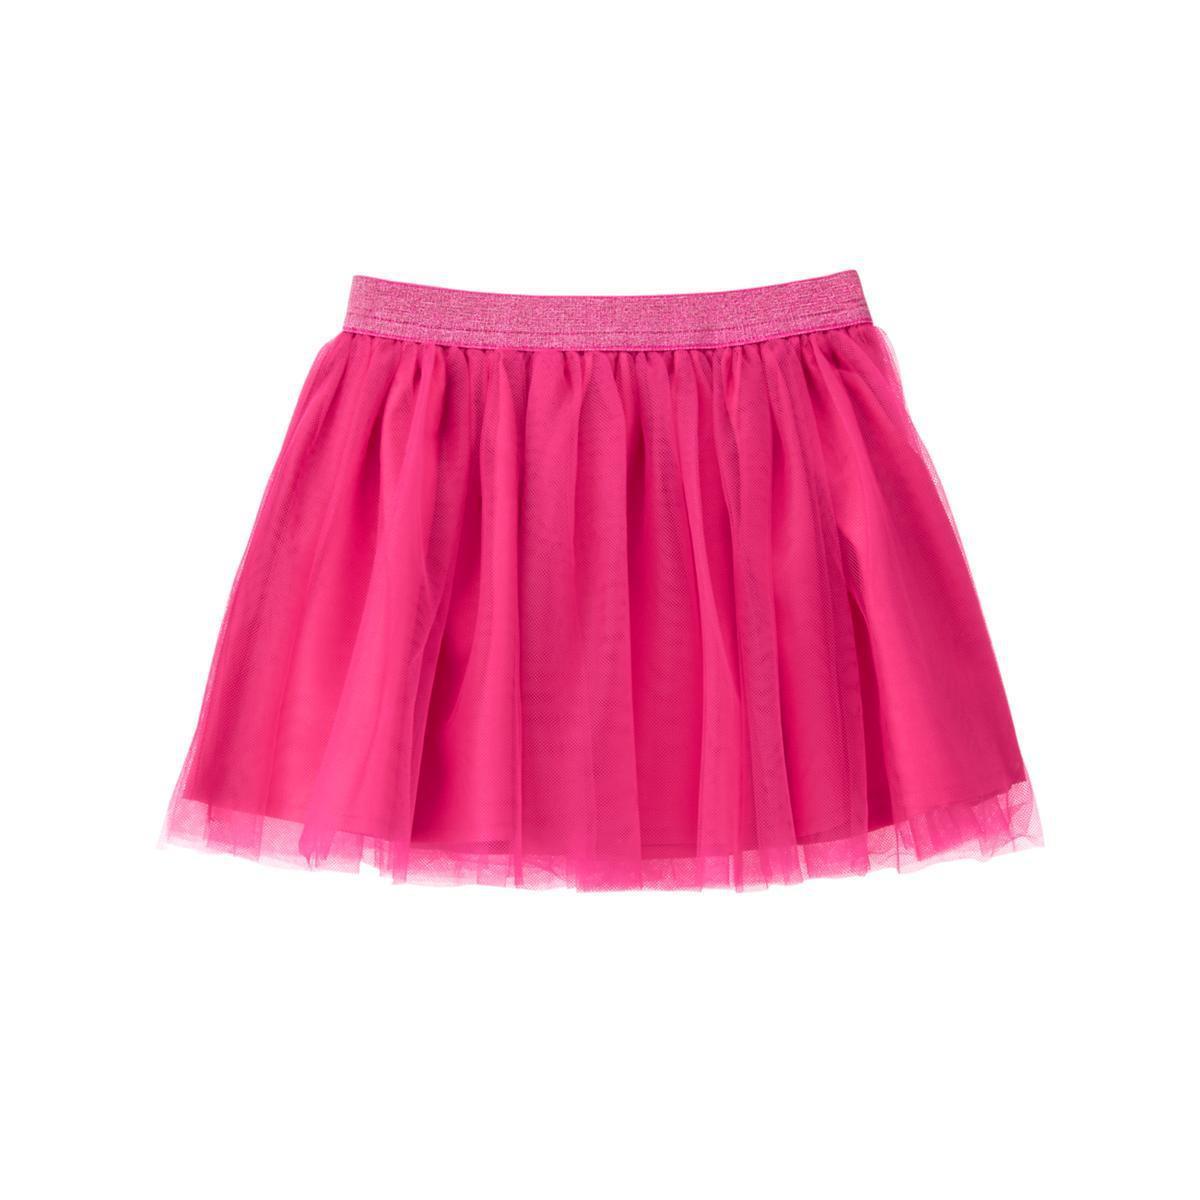 Детская розовая пышная юбка туту Crazy 8 для девочки